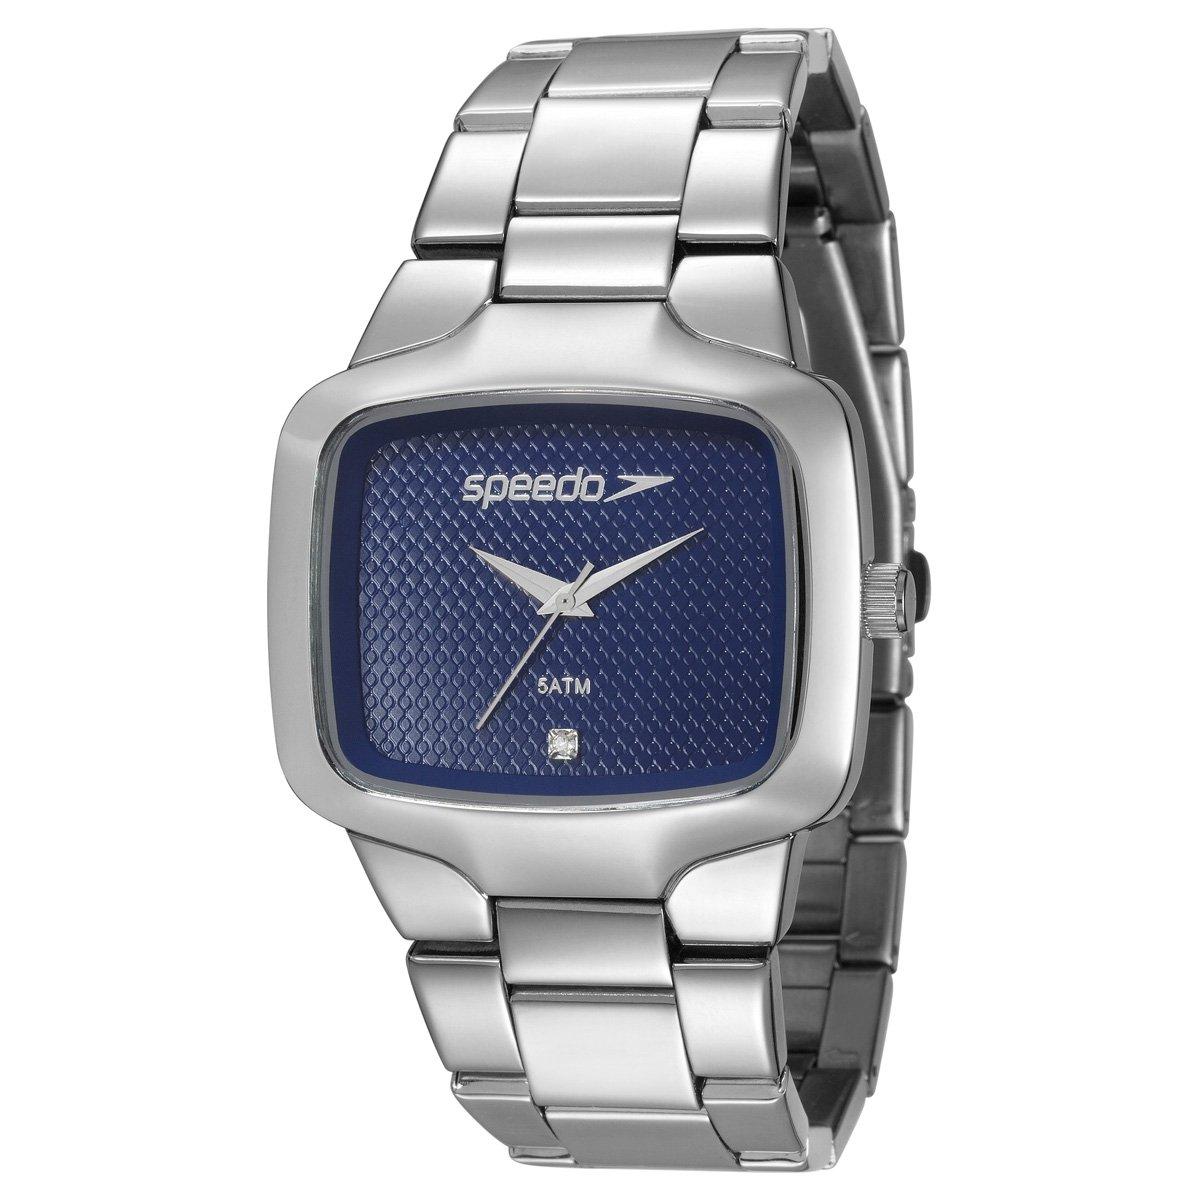 28c86788cff Relógio Speedo Analógico - Compre Agora